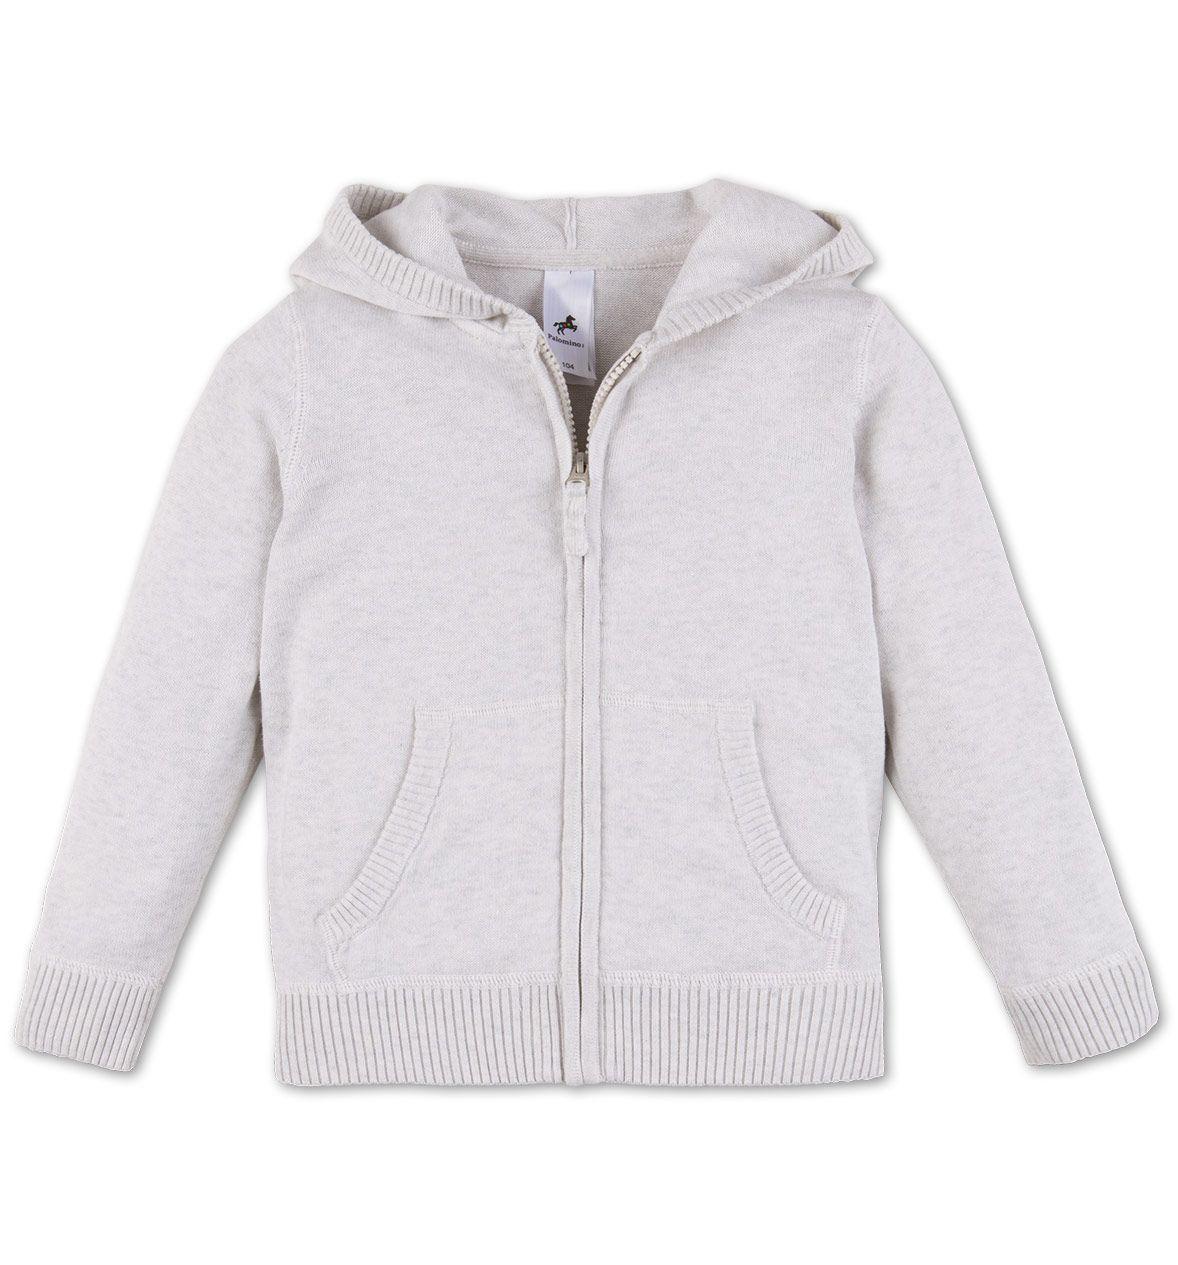 Veste à capuche en maille dans gris clair